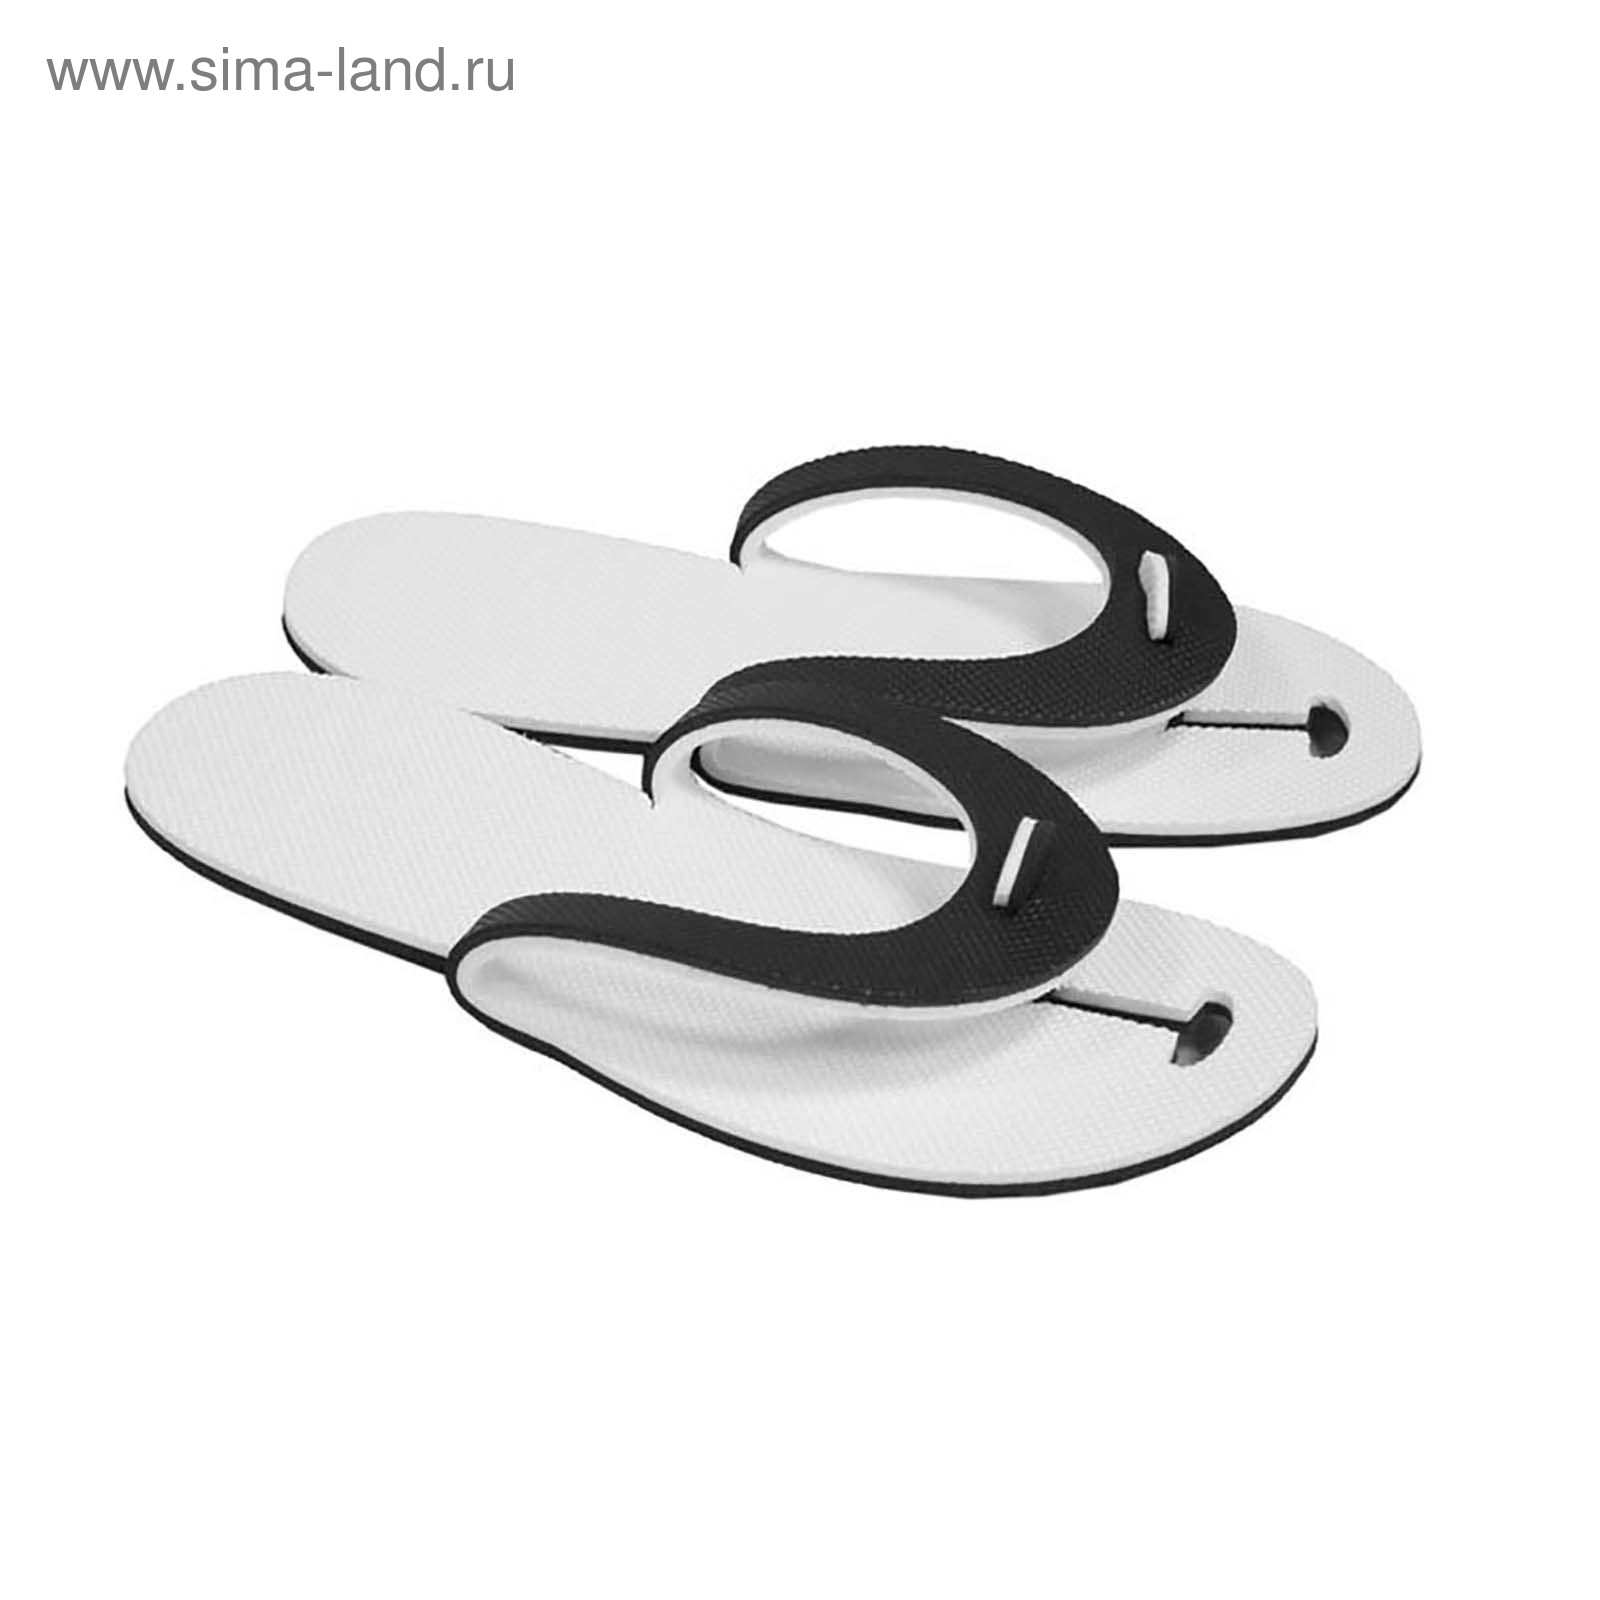 992bd7ce4281 Сланцы одноразовые для бани и сауны ЭВА 5 мм арт. 030-021, цвет МИКС,  размер 43,5